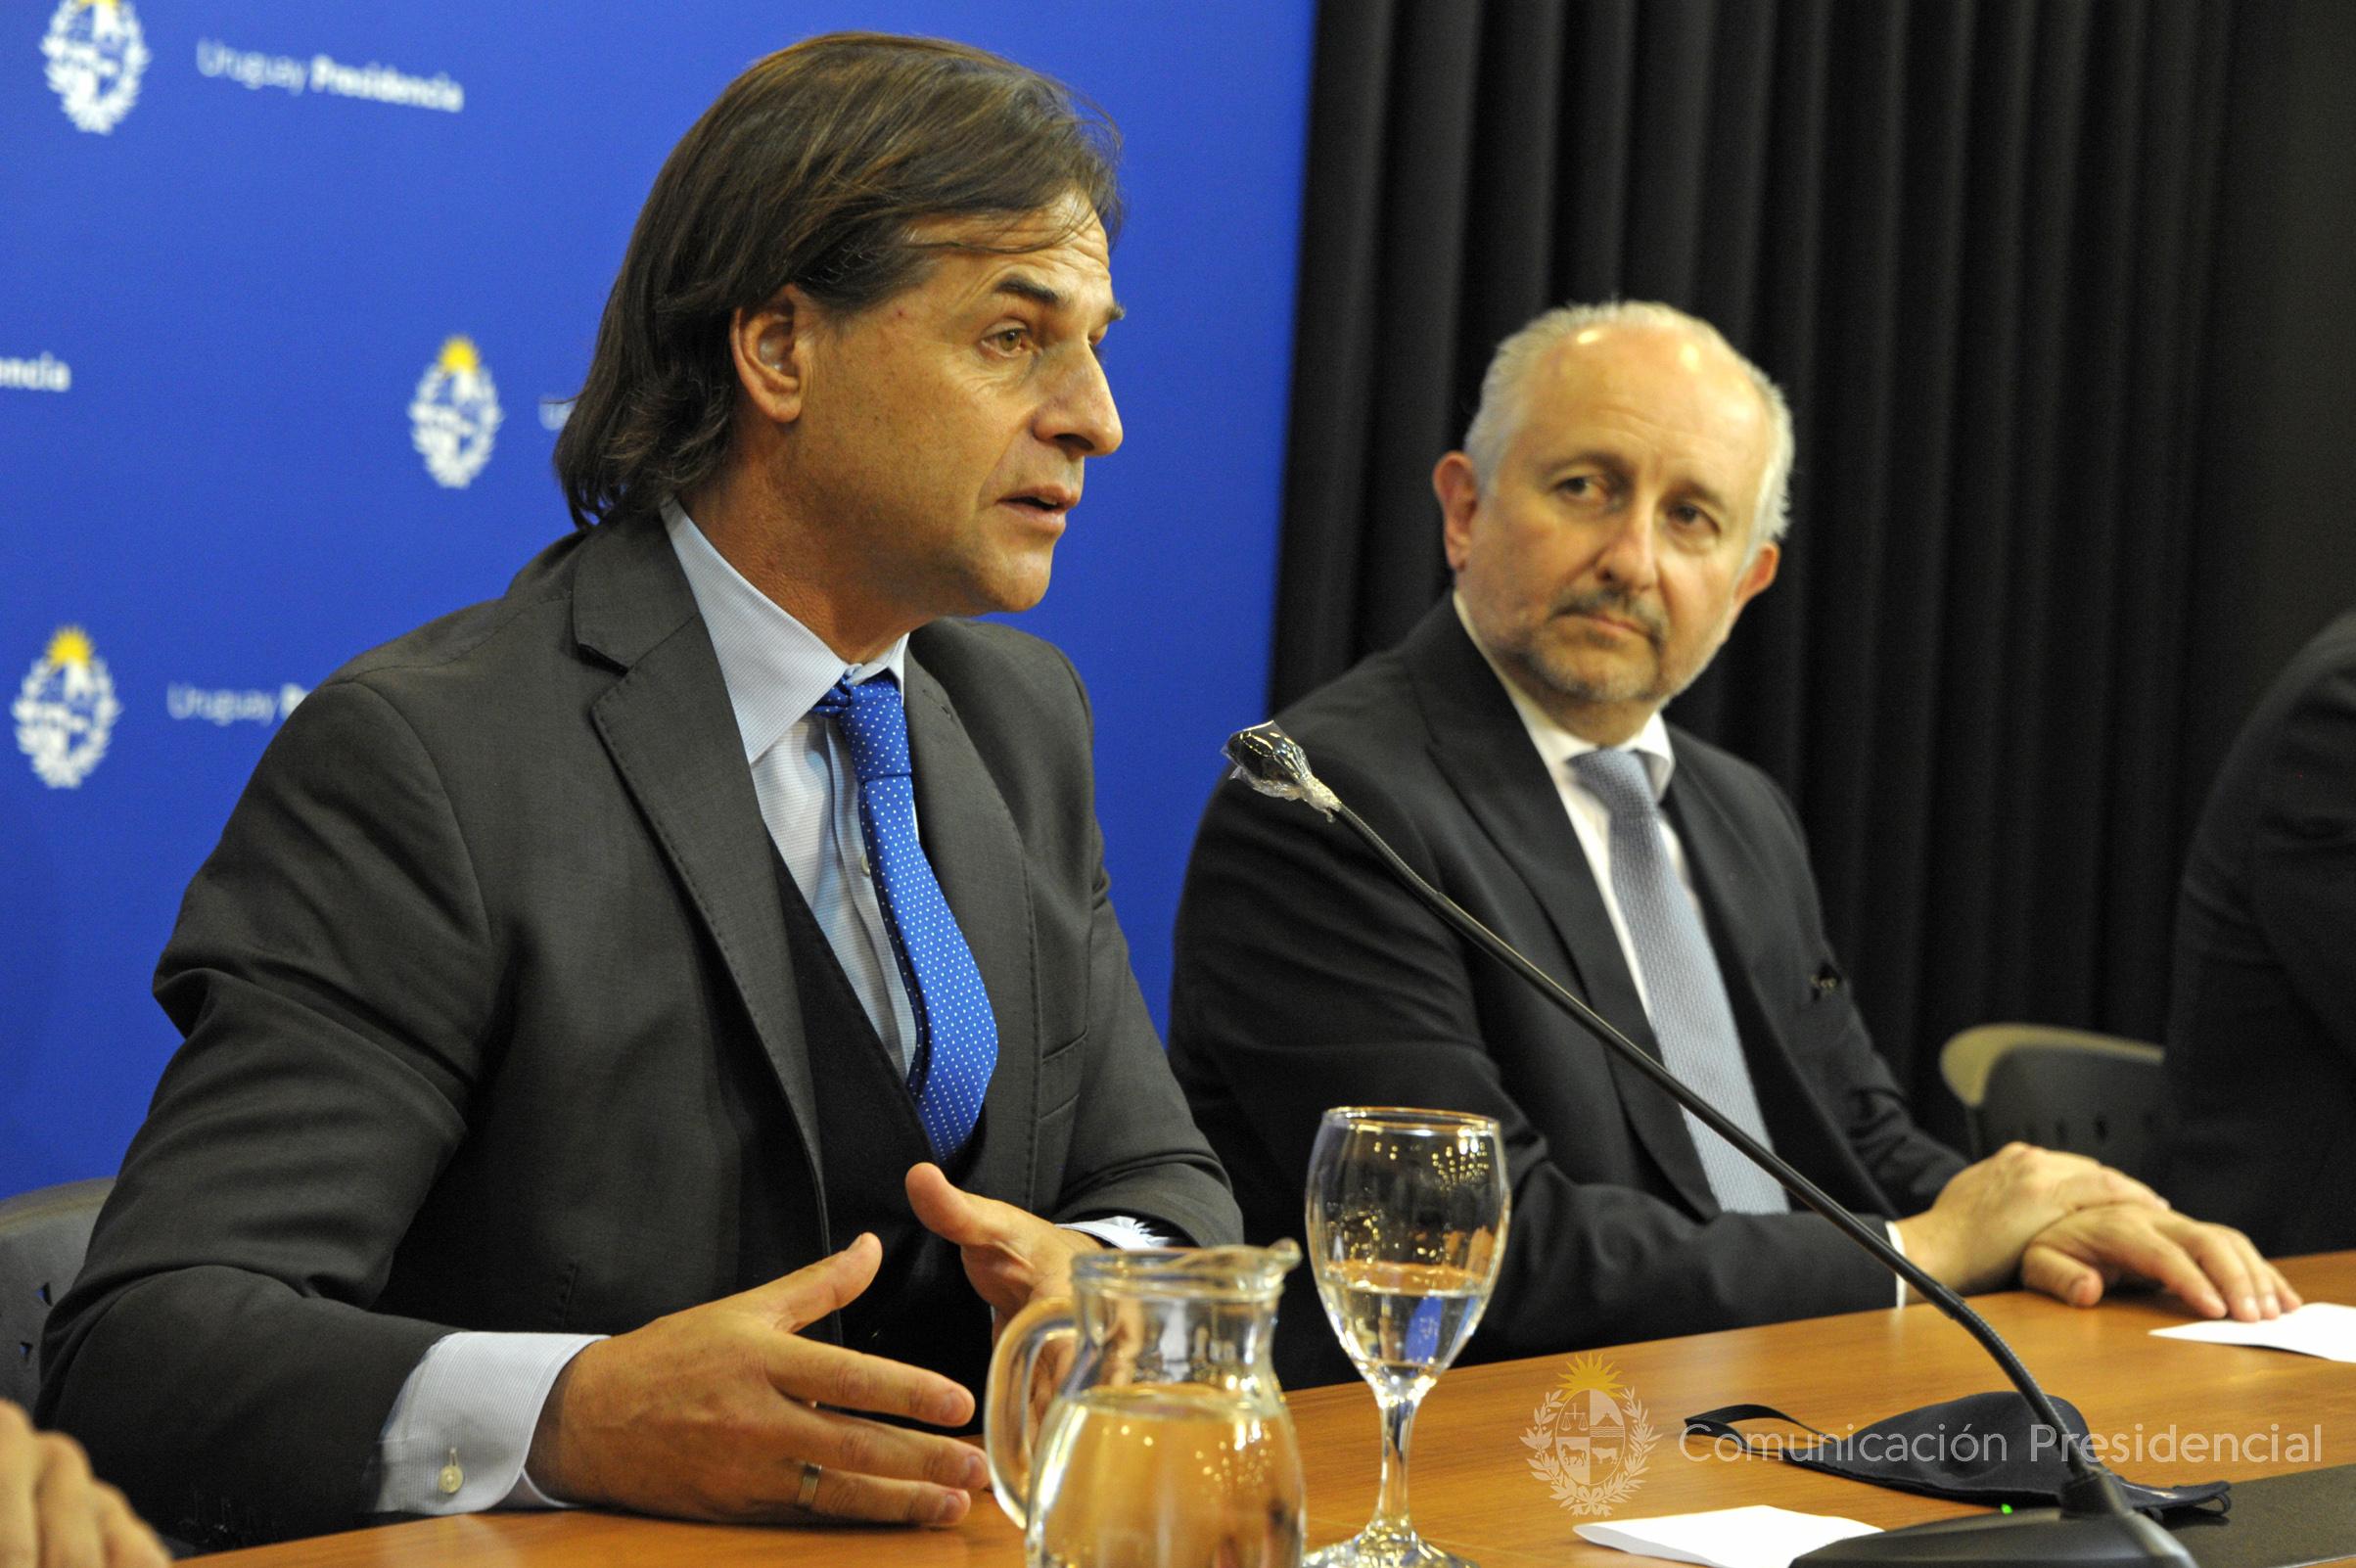 Presidente de la República, Luis Lacalle Pou, y ministro de Educación y Cultura, Pablo da Silveira